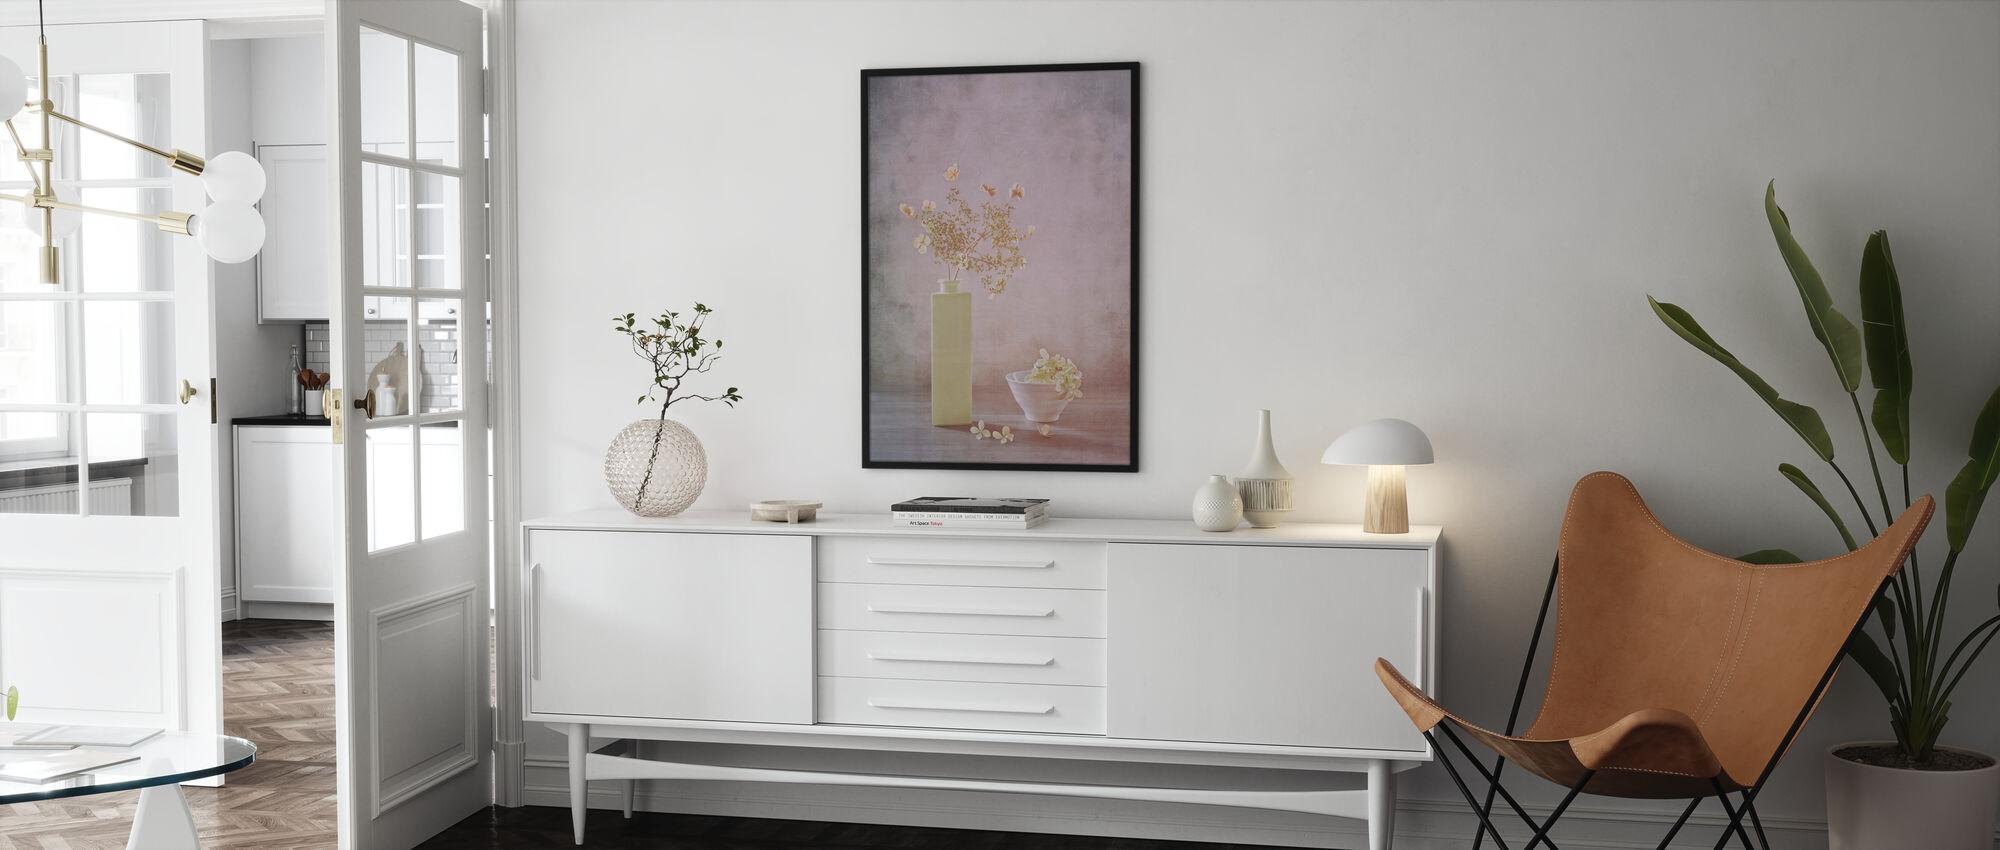 Morning Light - Framed print - Living Room